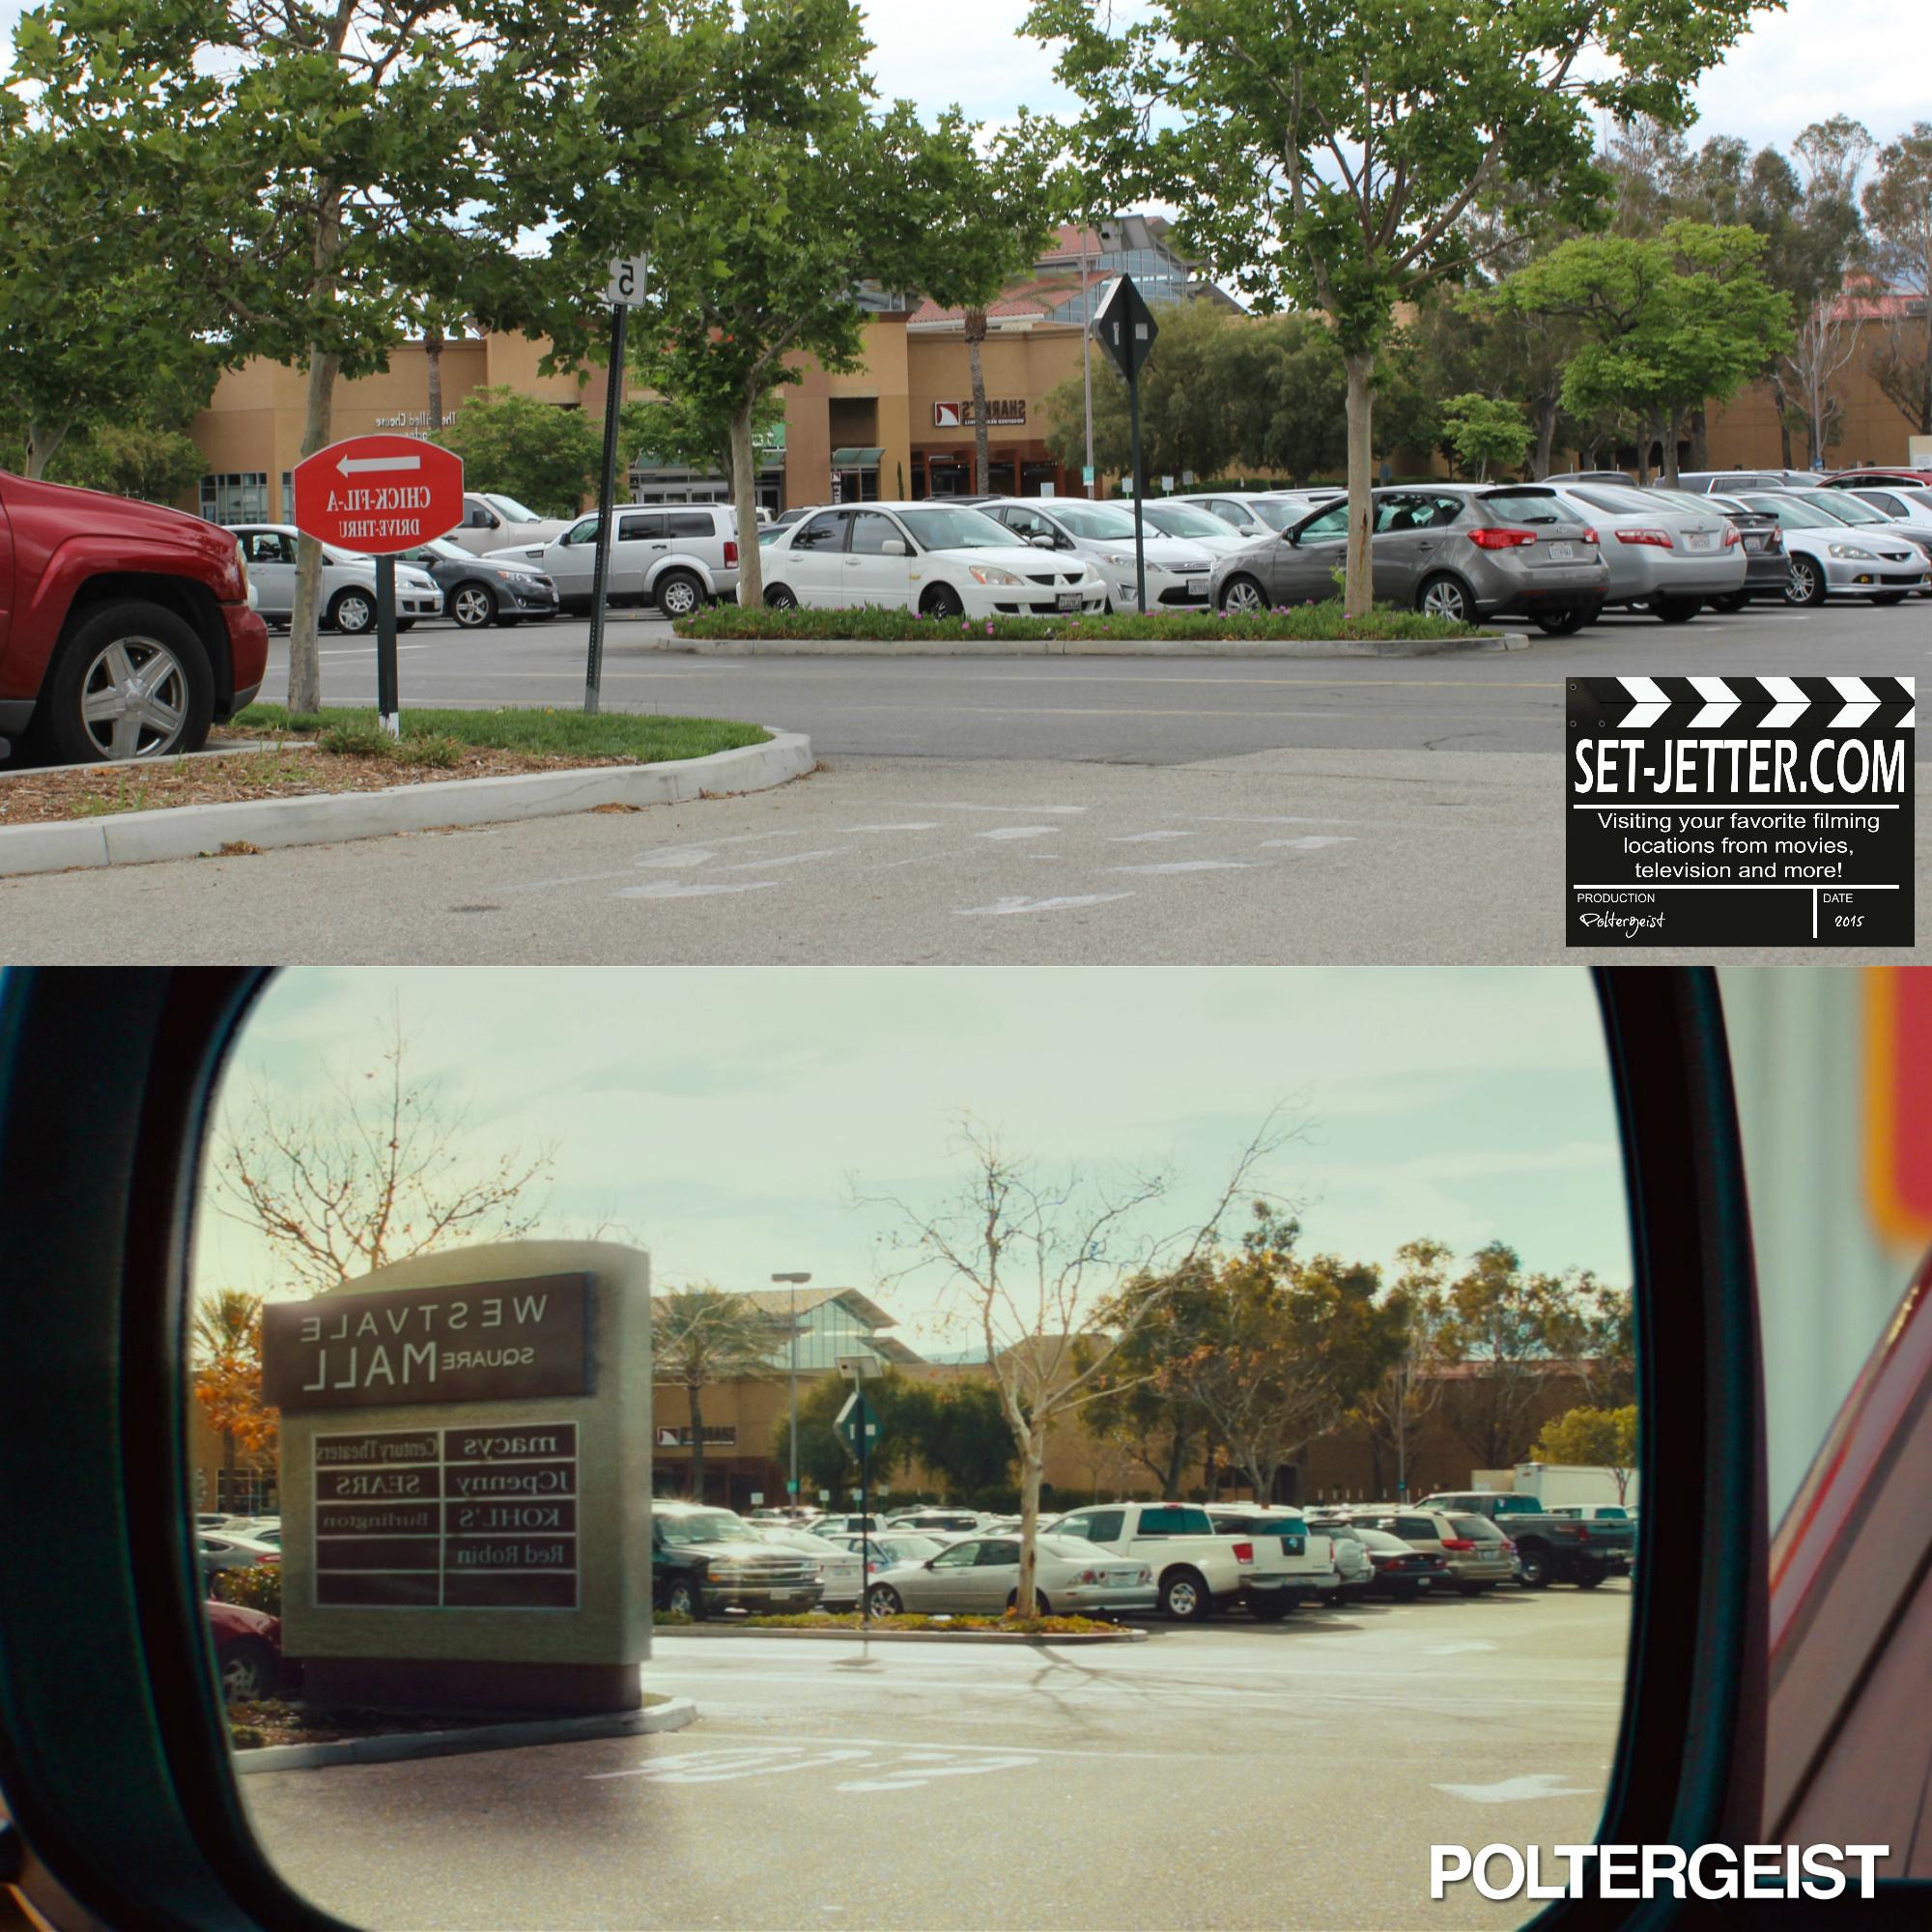 Poltergeist mall comparison 01 x.jpg